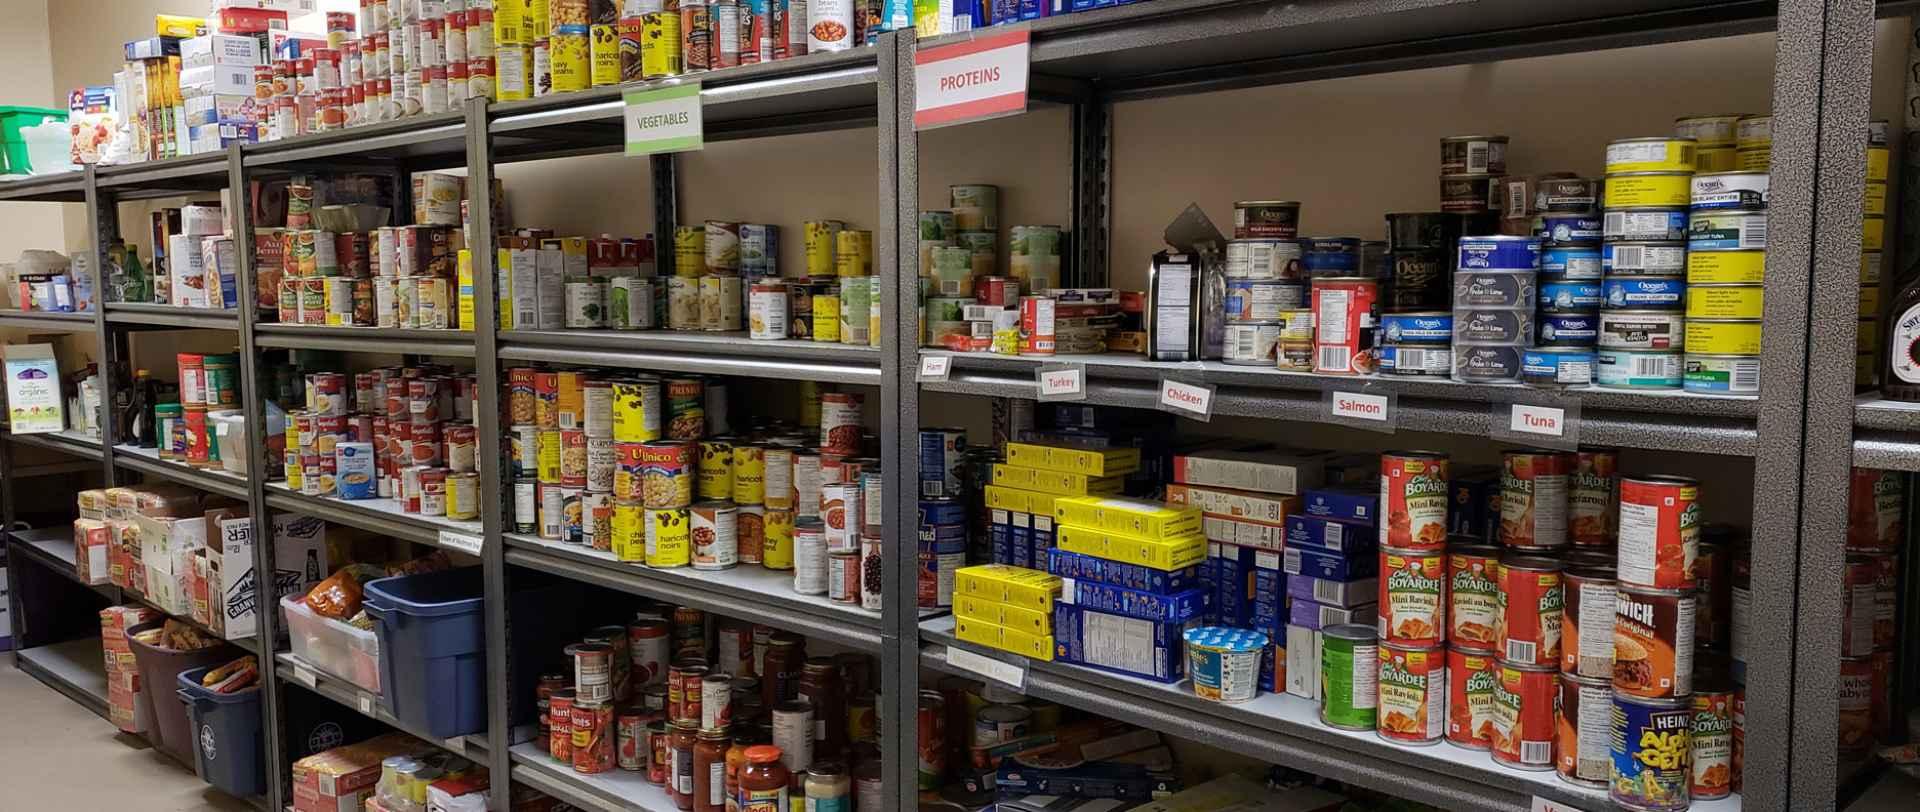 ULSU Food Bank Shelves